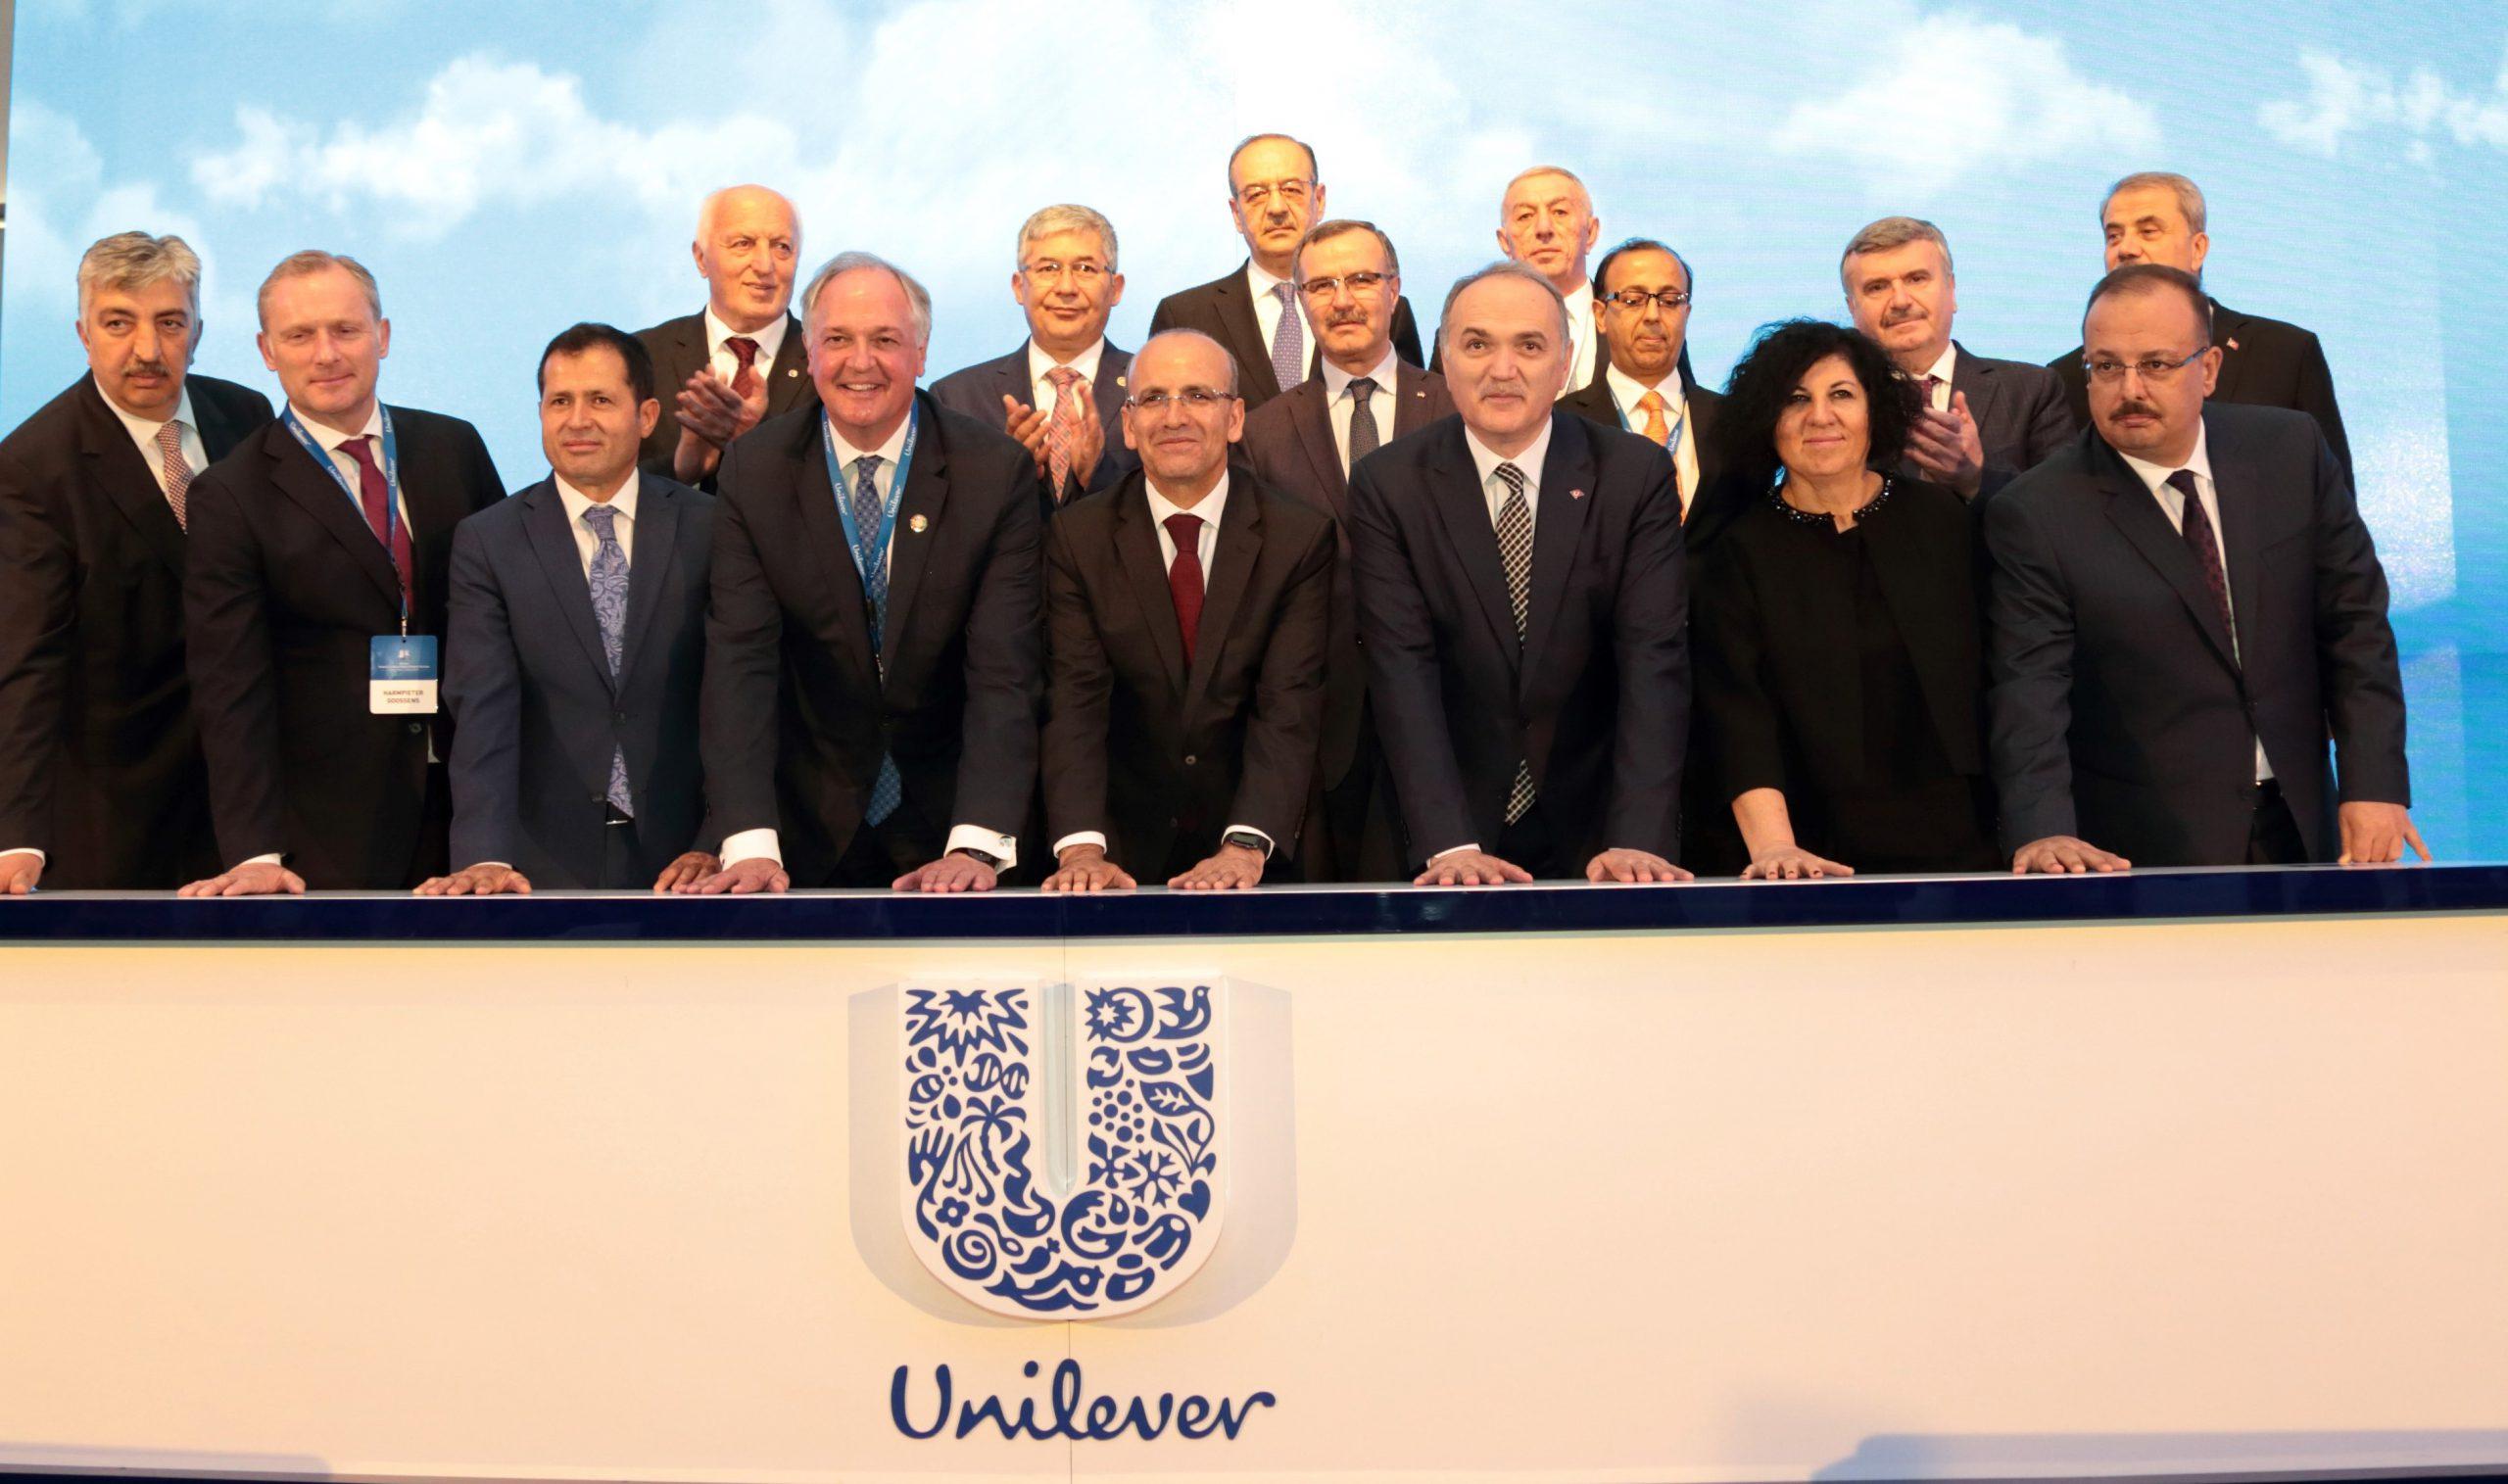 unilever-den-turkiye-ye-son-10-yilin-en-buyuk-yatirimi